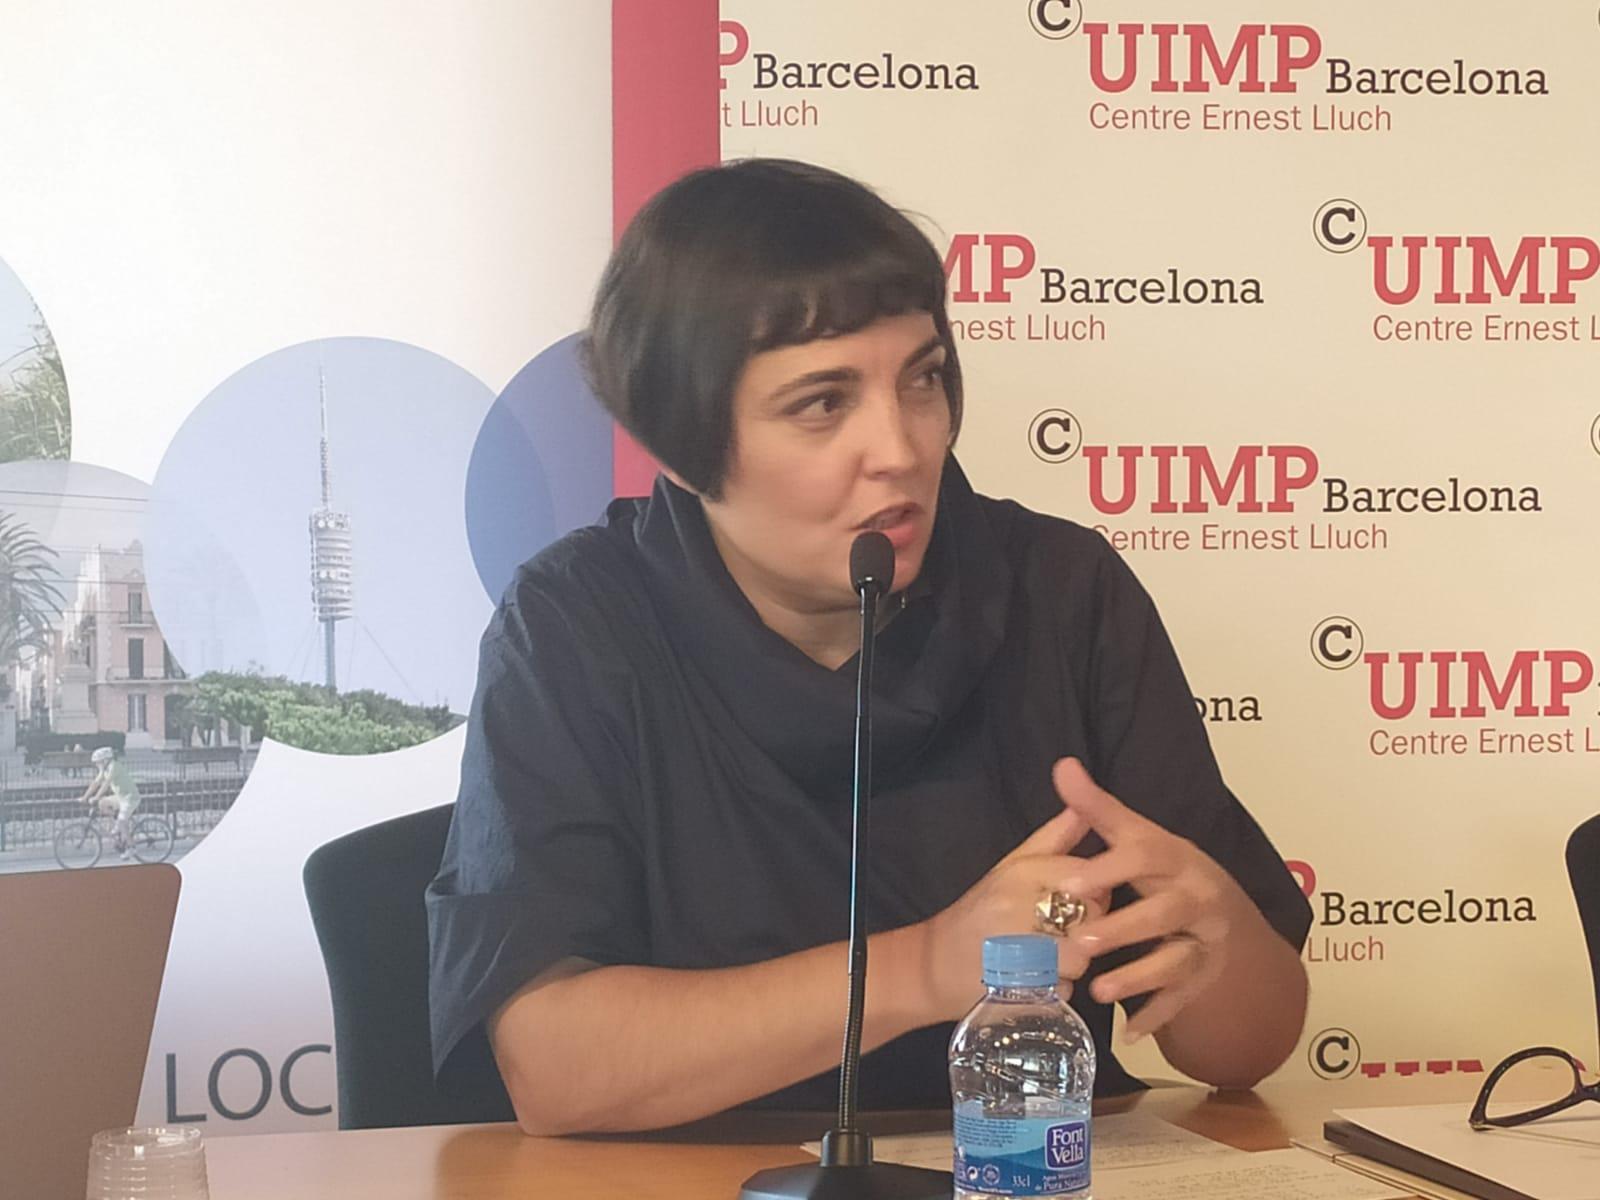 Una de les participants de la taula rodona Ana Alcantud, directora de la consultoria Anteverti